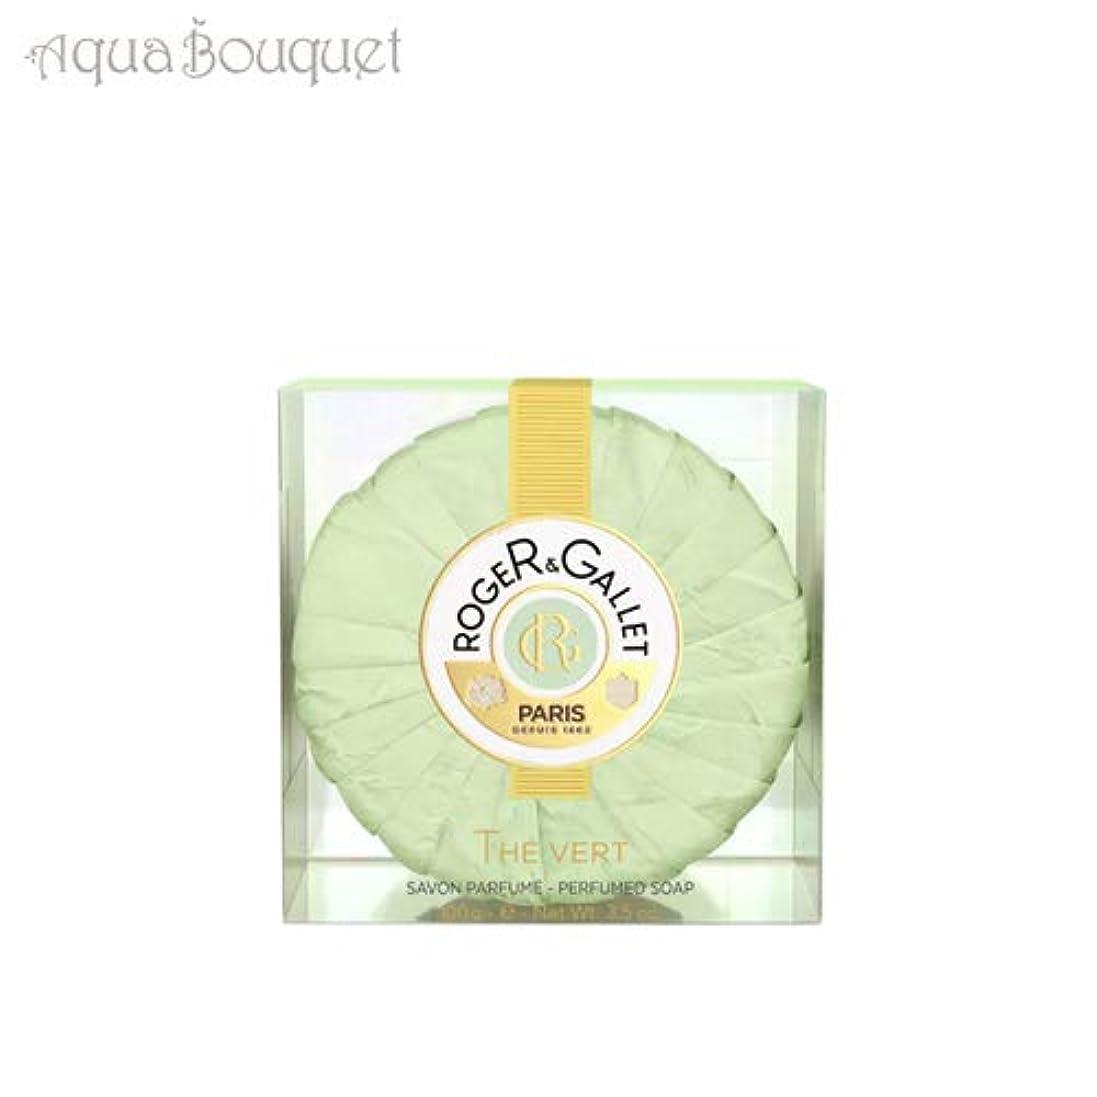 腐敗愚かなリフレッシュロジェガレ グリーンティー ソープ(オーデ テ ヴェール) 香水石鹸 100g ROGER&GALLET EAU DE THE VERT (GREEN TEA) SOAP [9920] [並行輸入品]